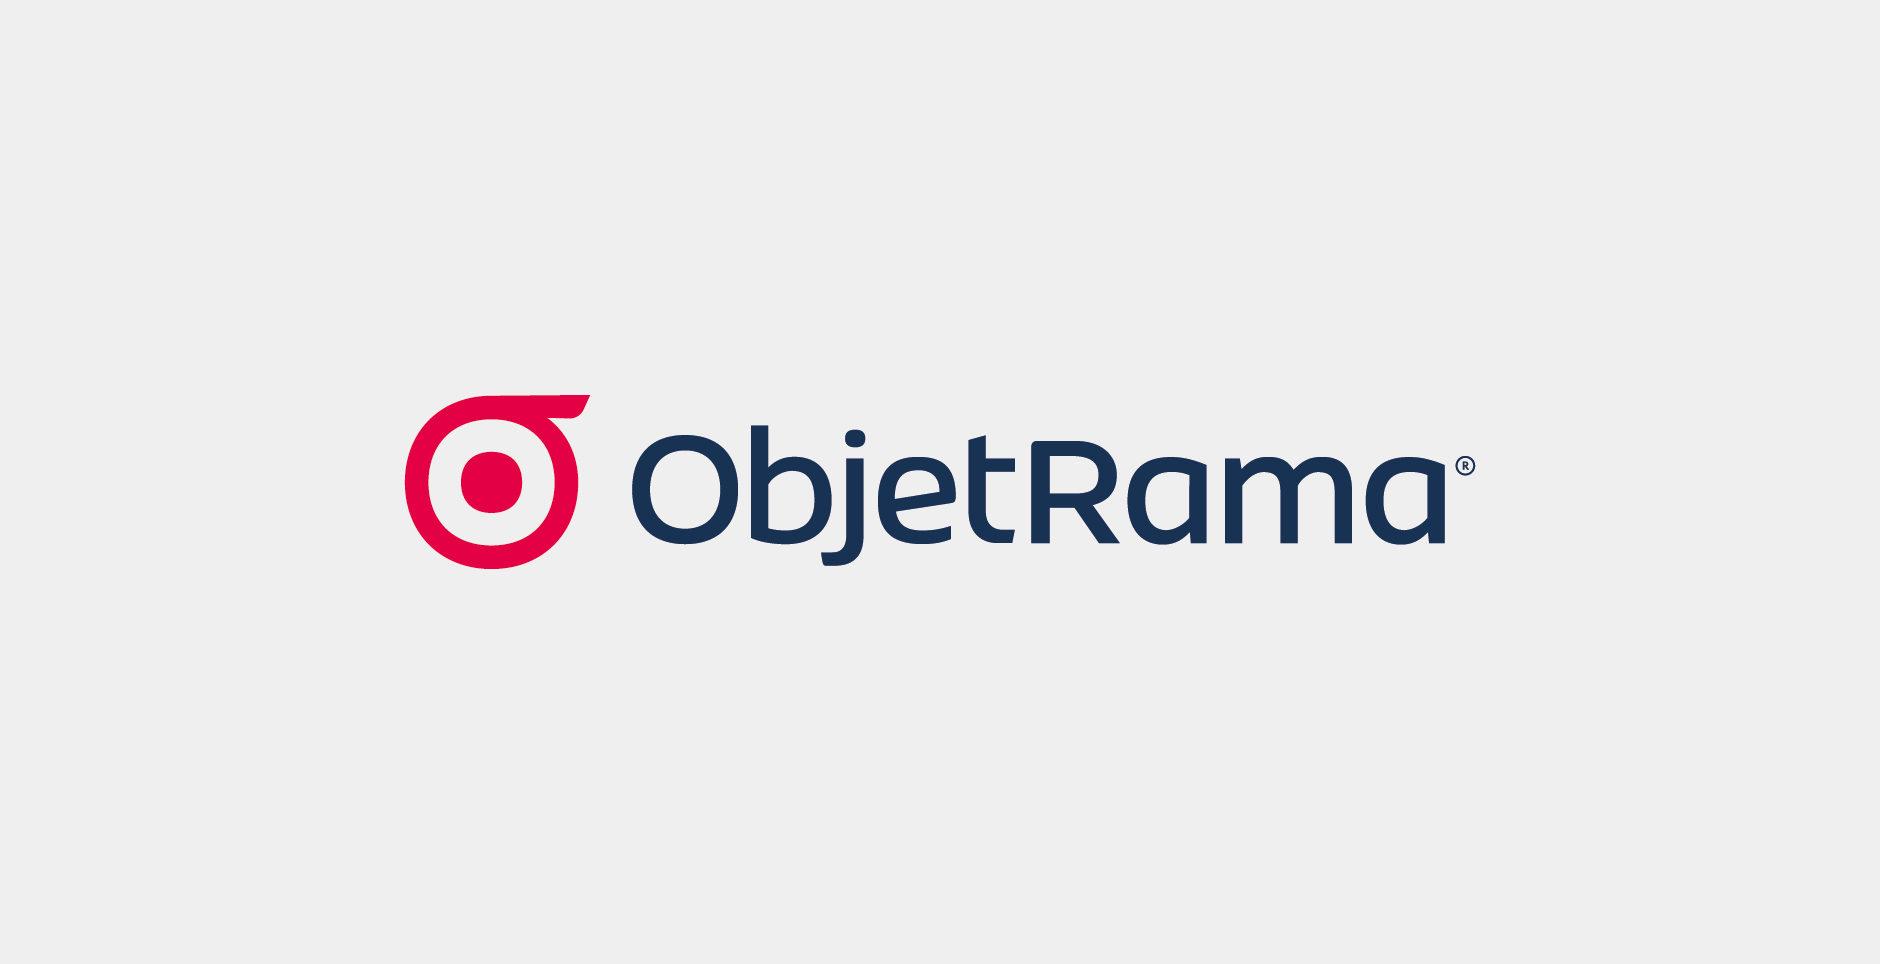 ObjetRama-case-study